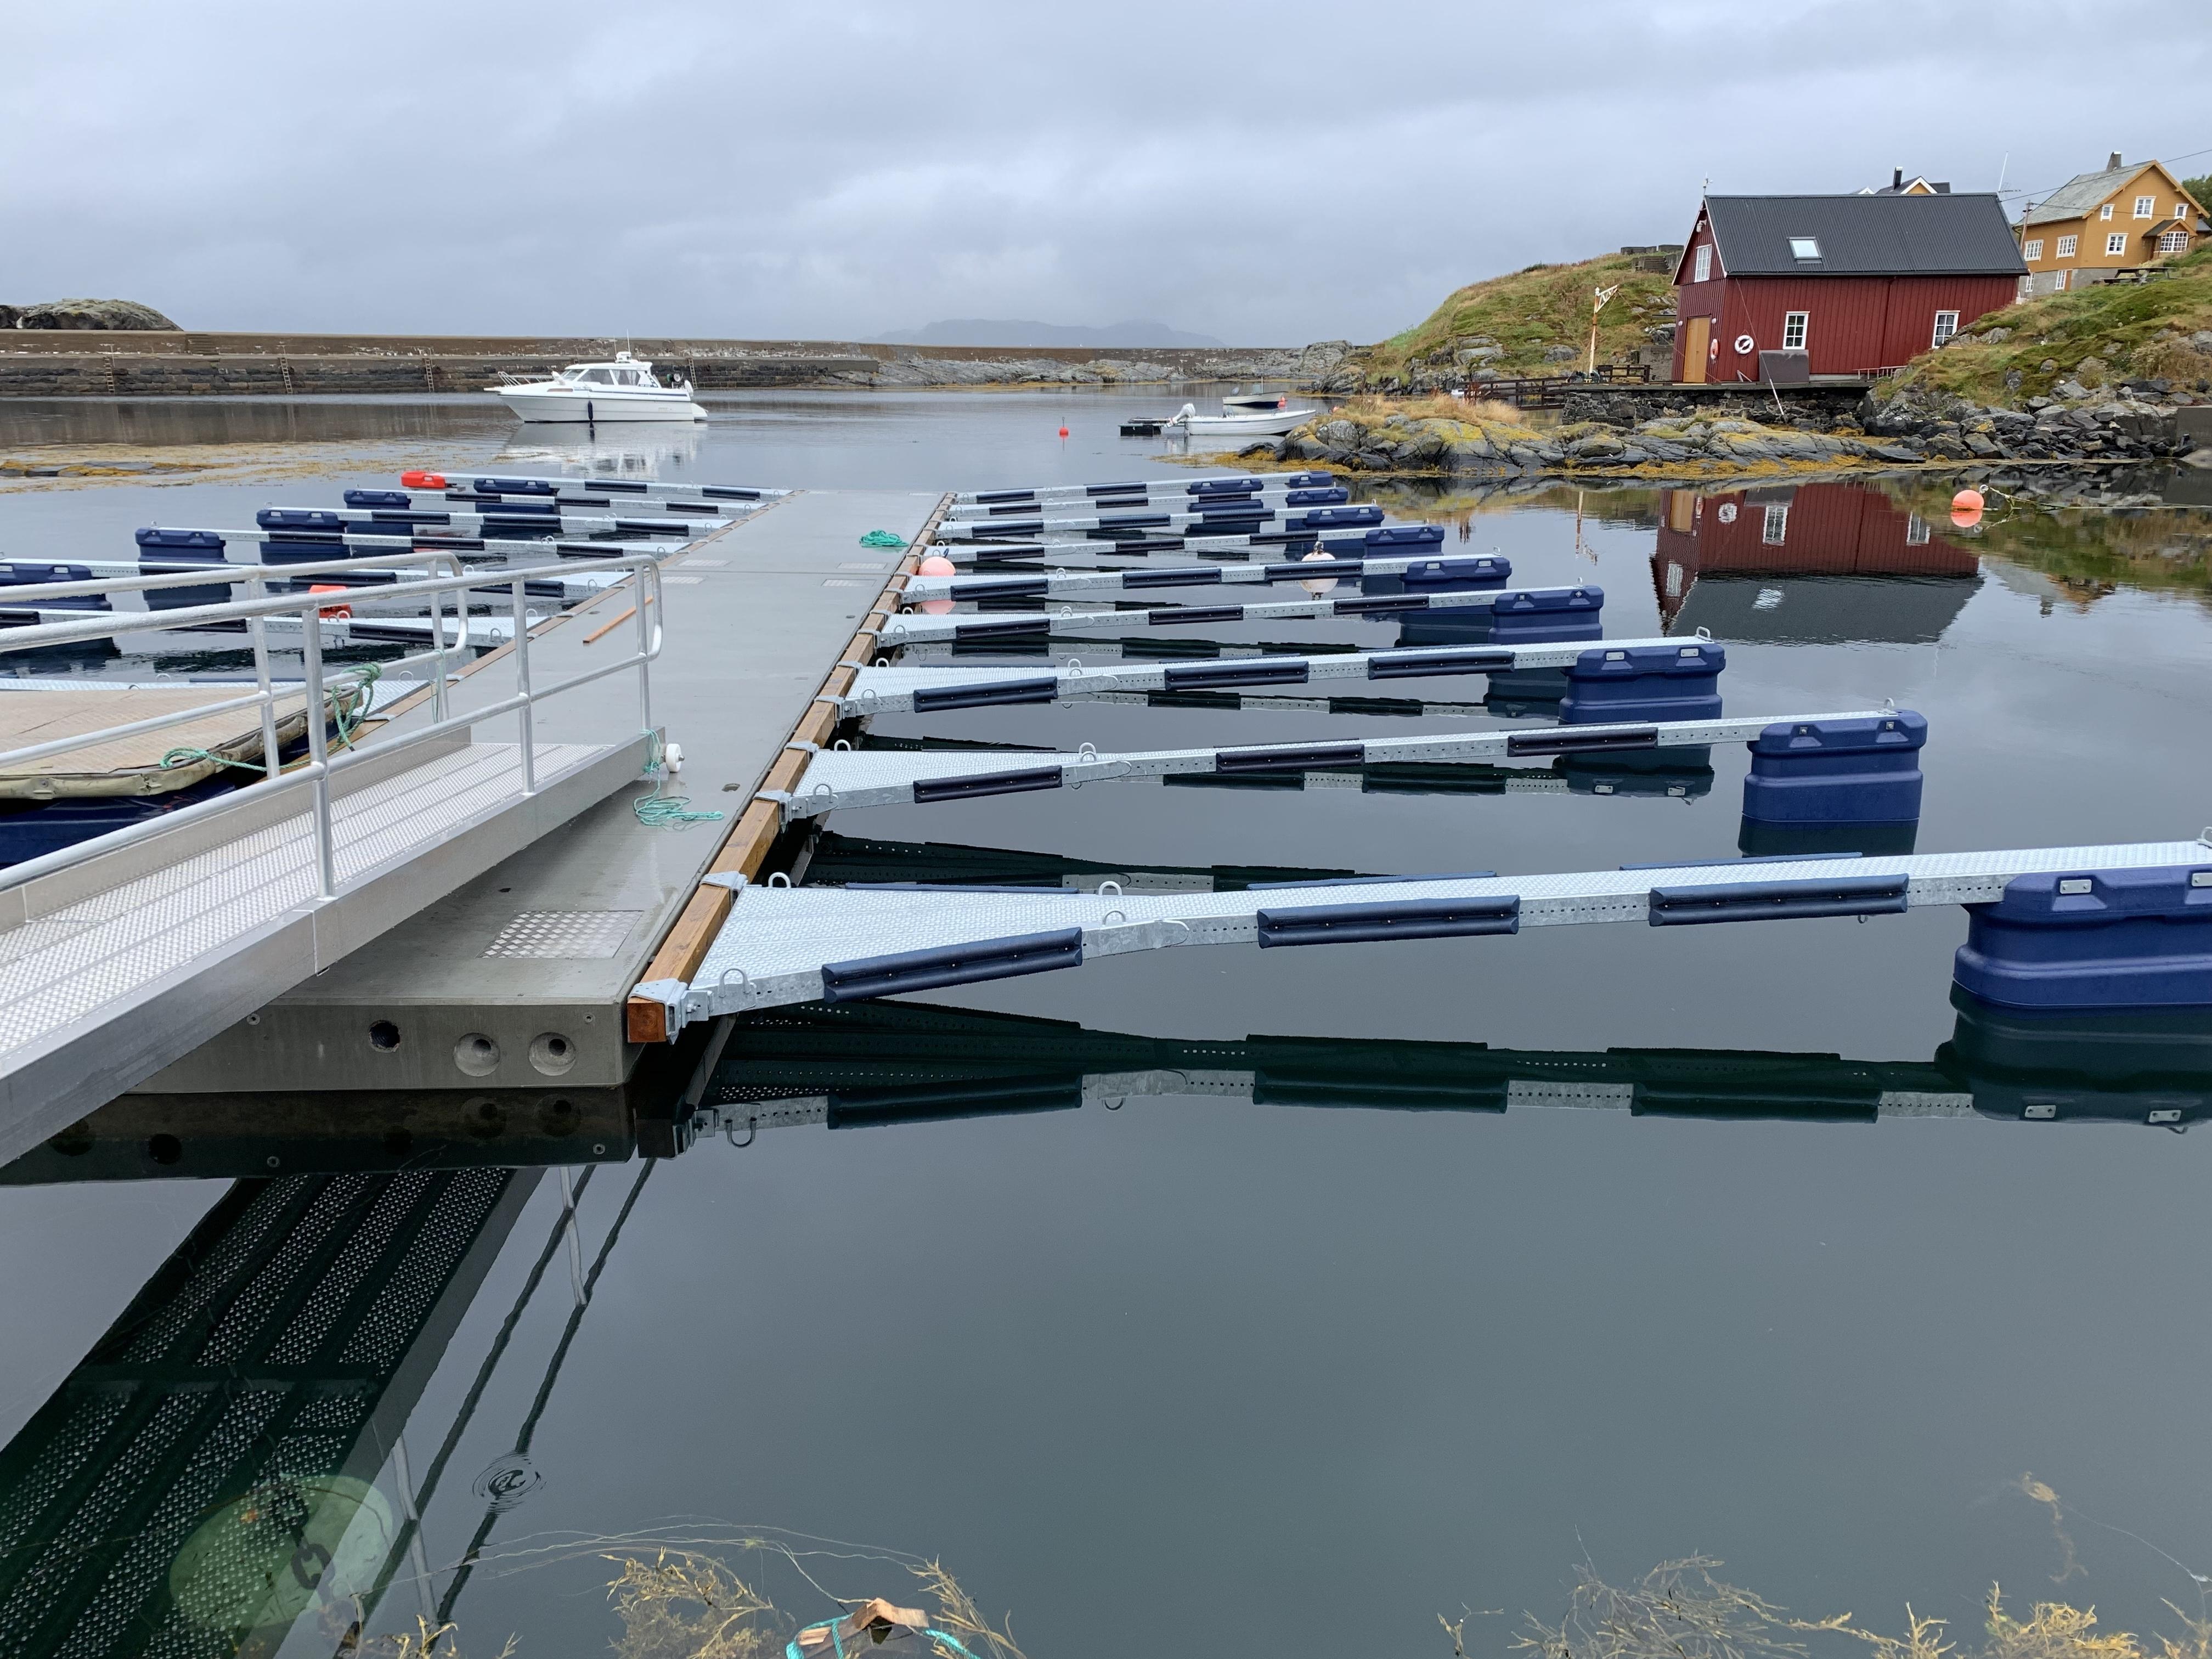 https://marinasolutions.no/uploads/Hamnaberget-småbåtforening-nordre-bjørnsund-marina-solutions-betongbrygger-sklisikre-utriggere-2.jpg